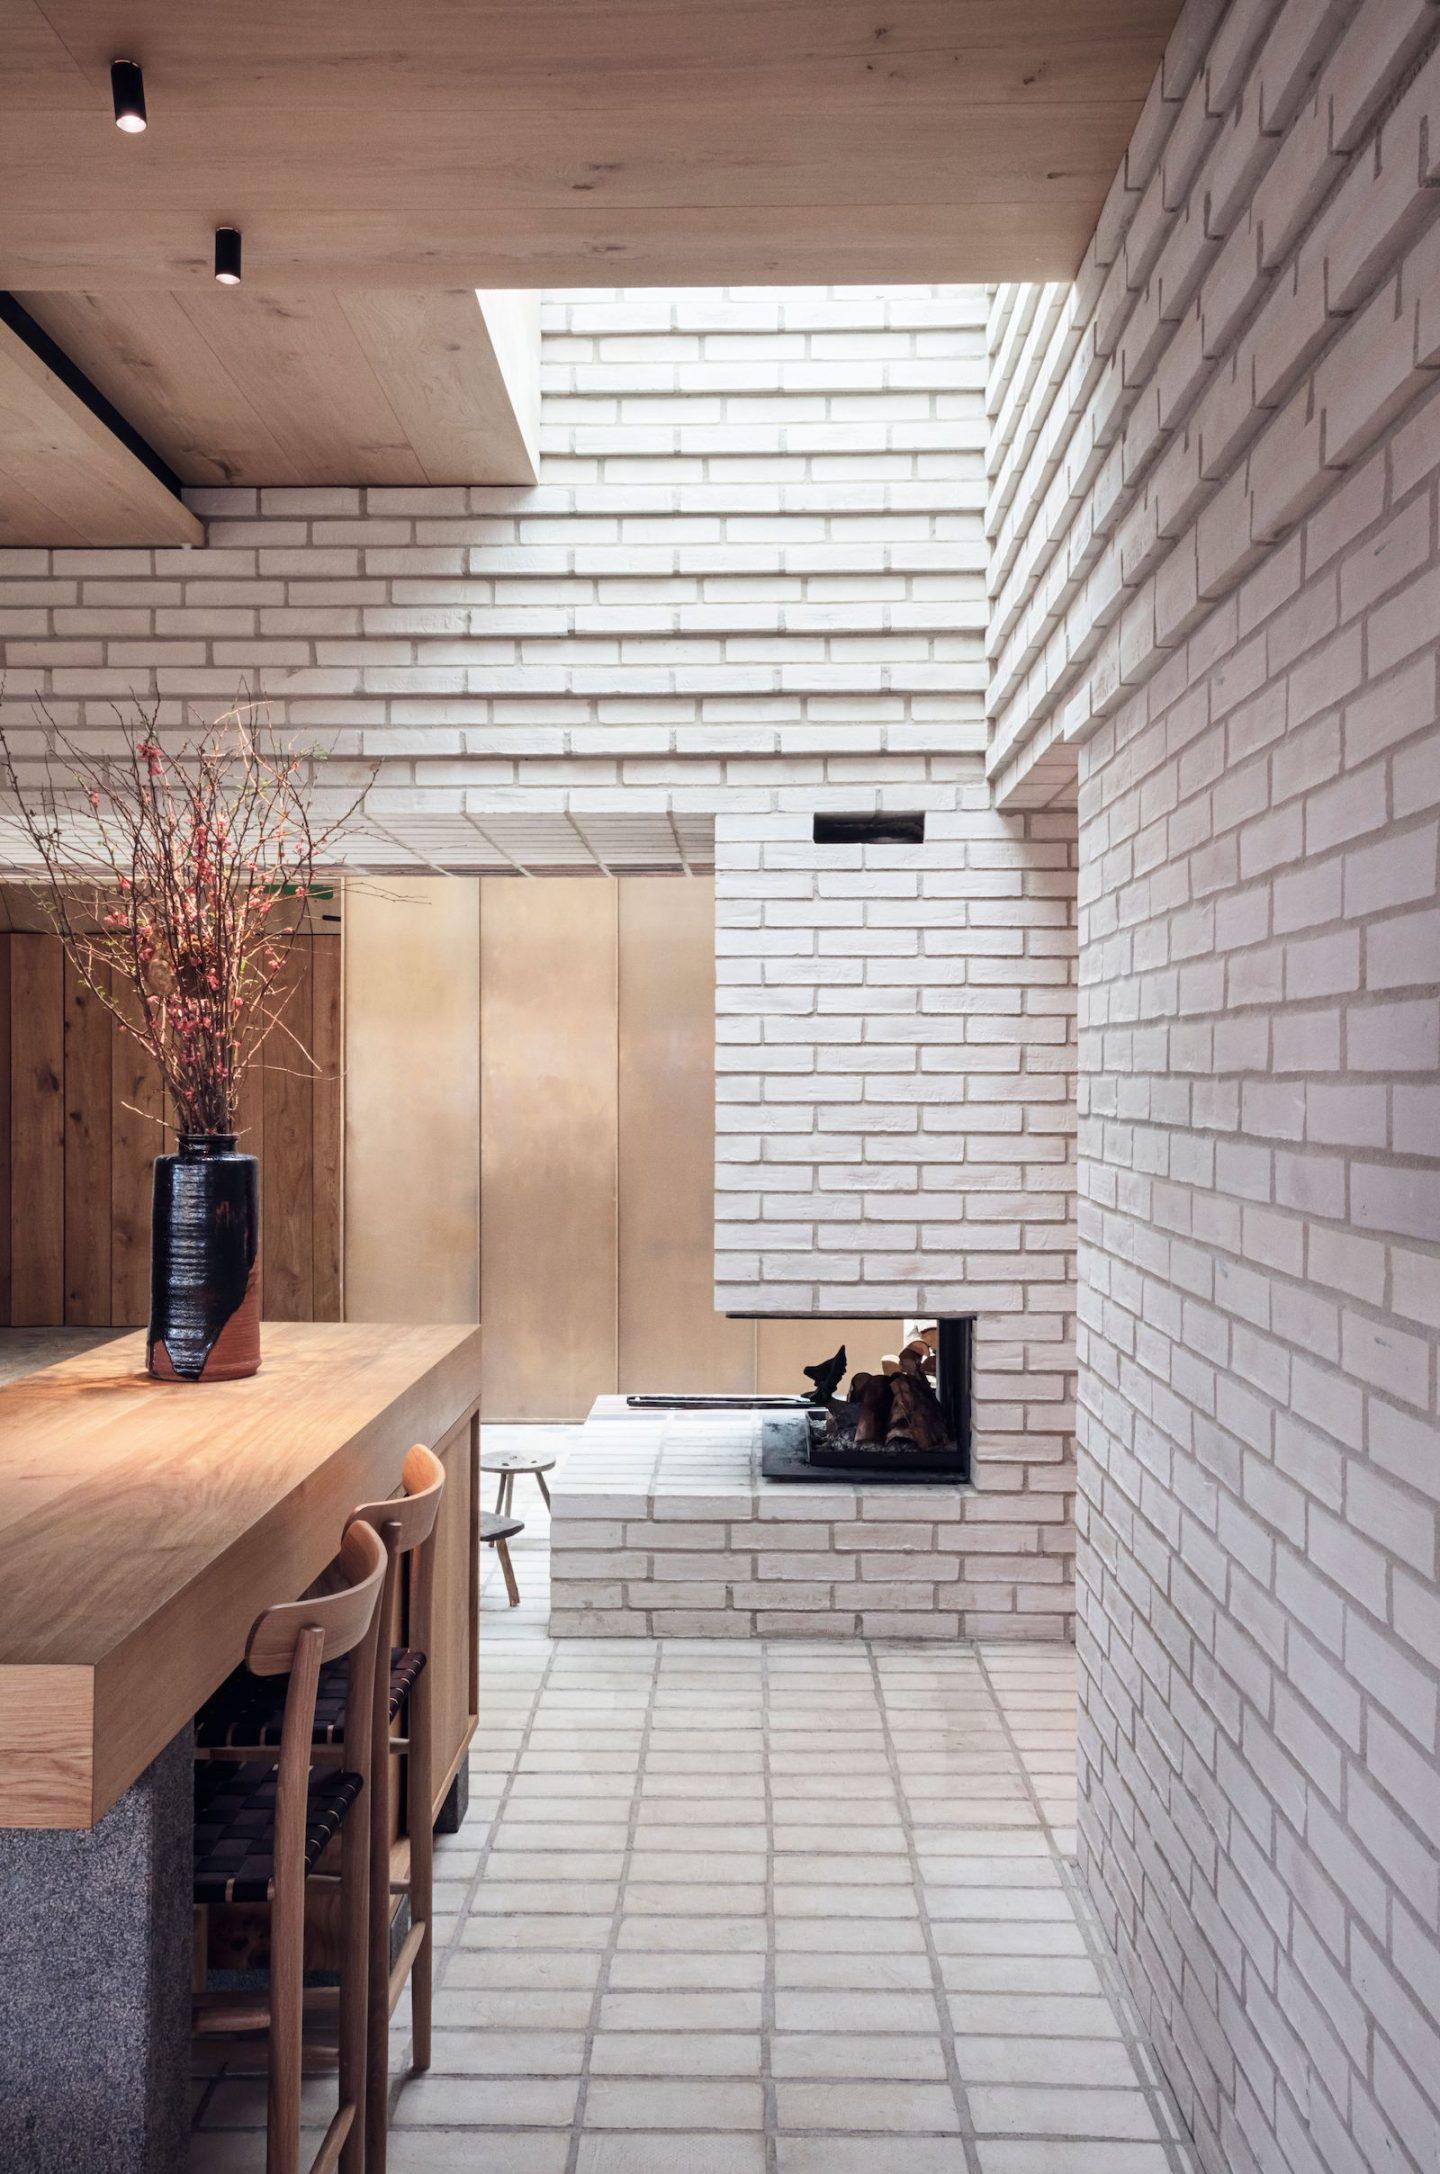 IGNANT-Design-David-Thulstrup-Noma-3